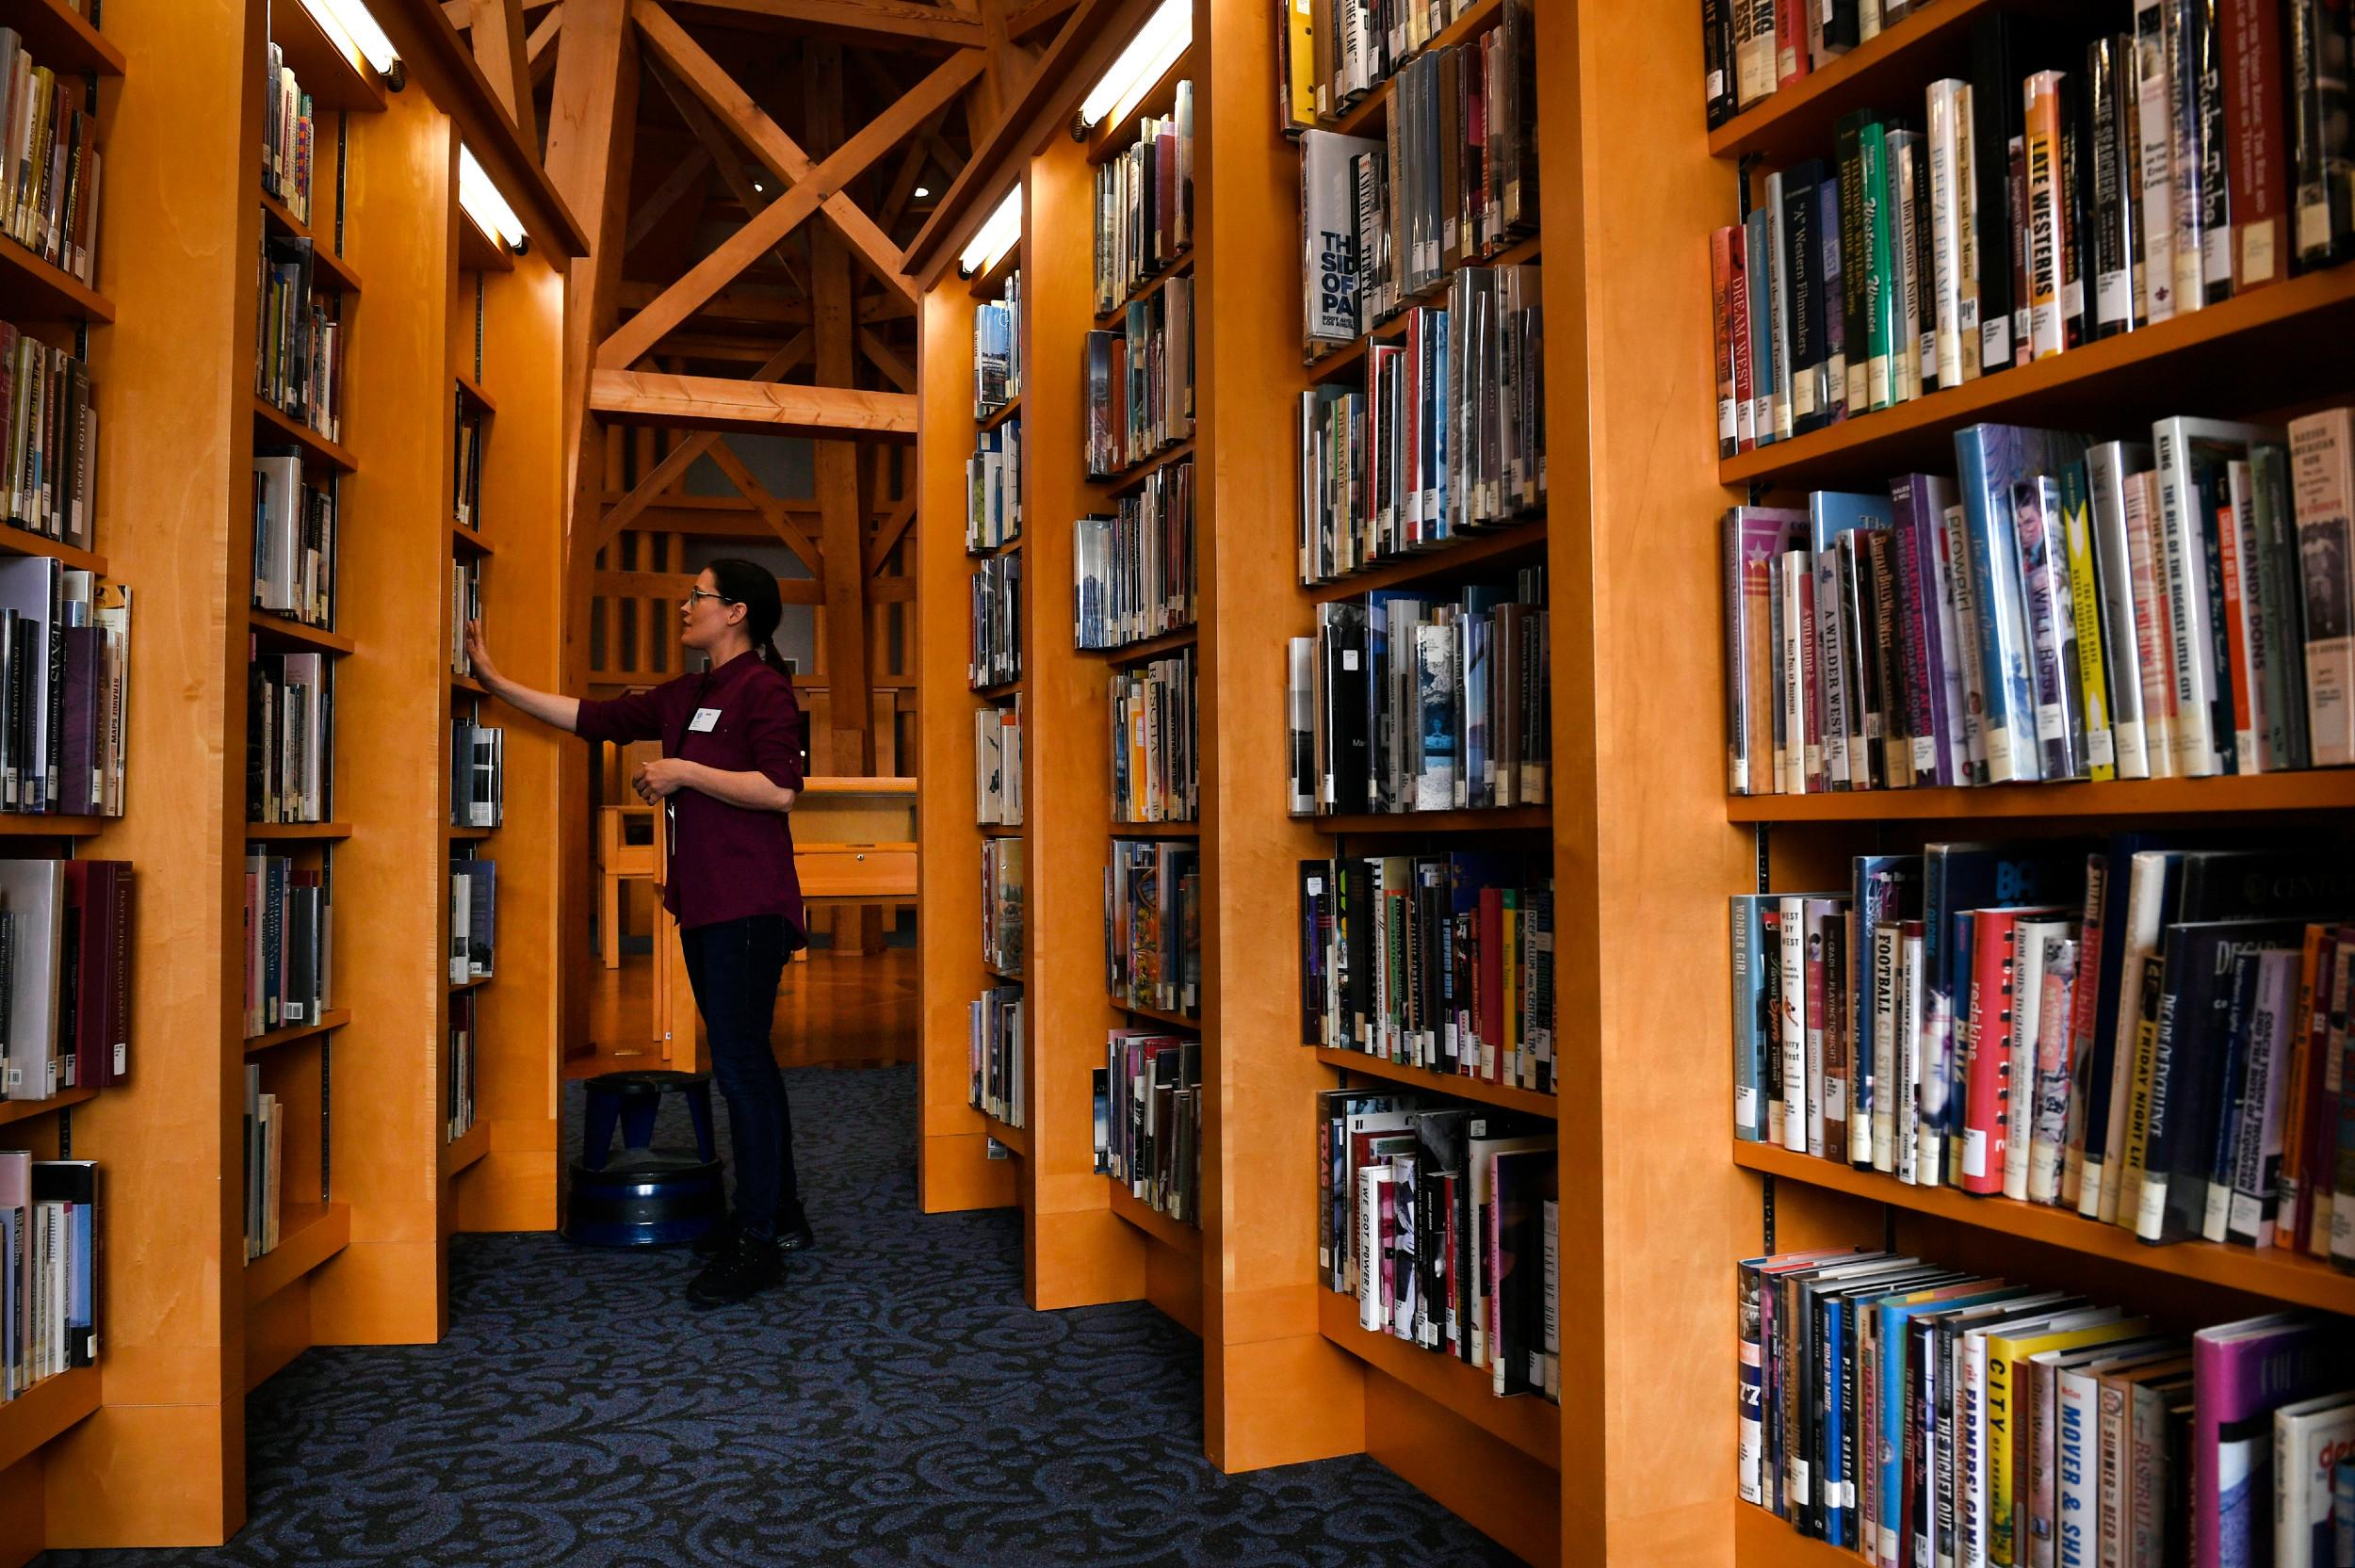 Библиотекарка у Народној библиотеци у Денверу прераспоређује књиге на полицама (Фото: Helen H. Richardson/The Denver Post)